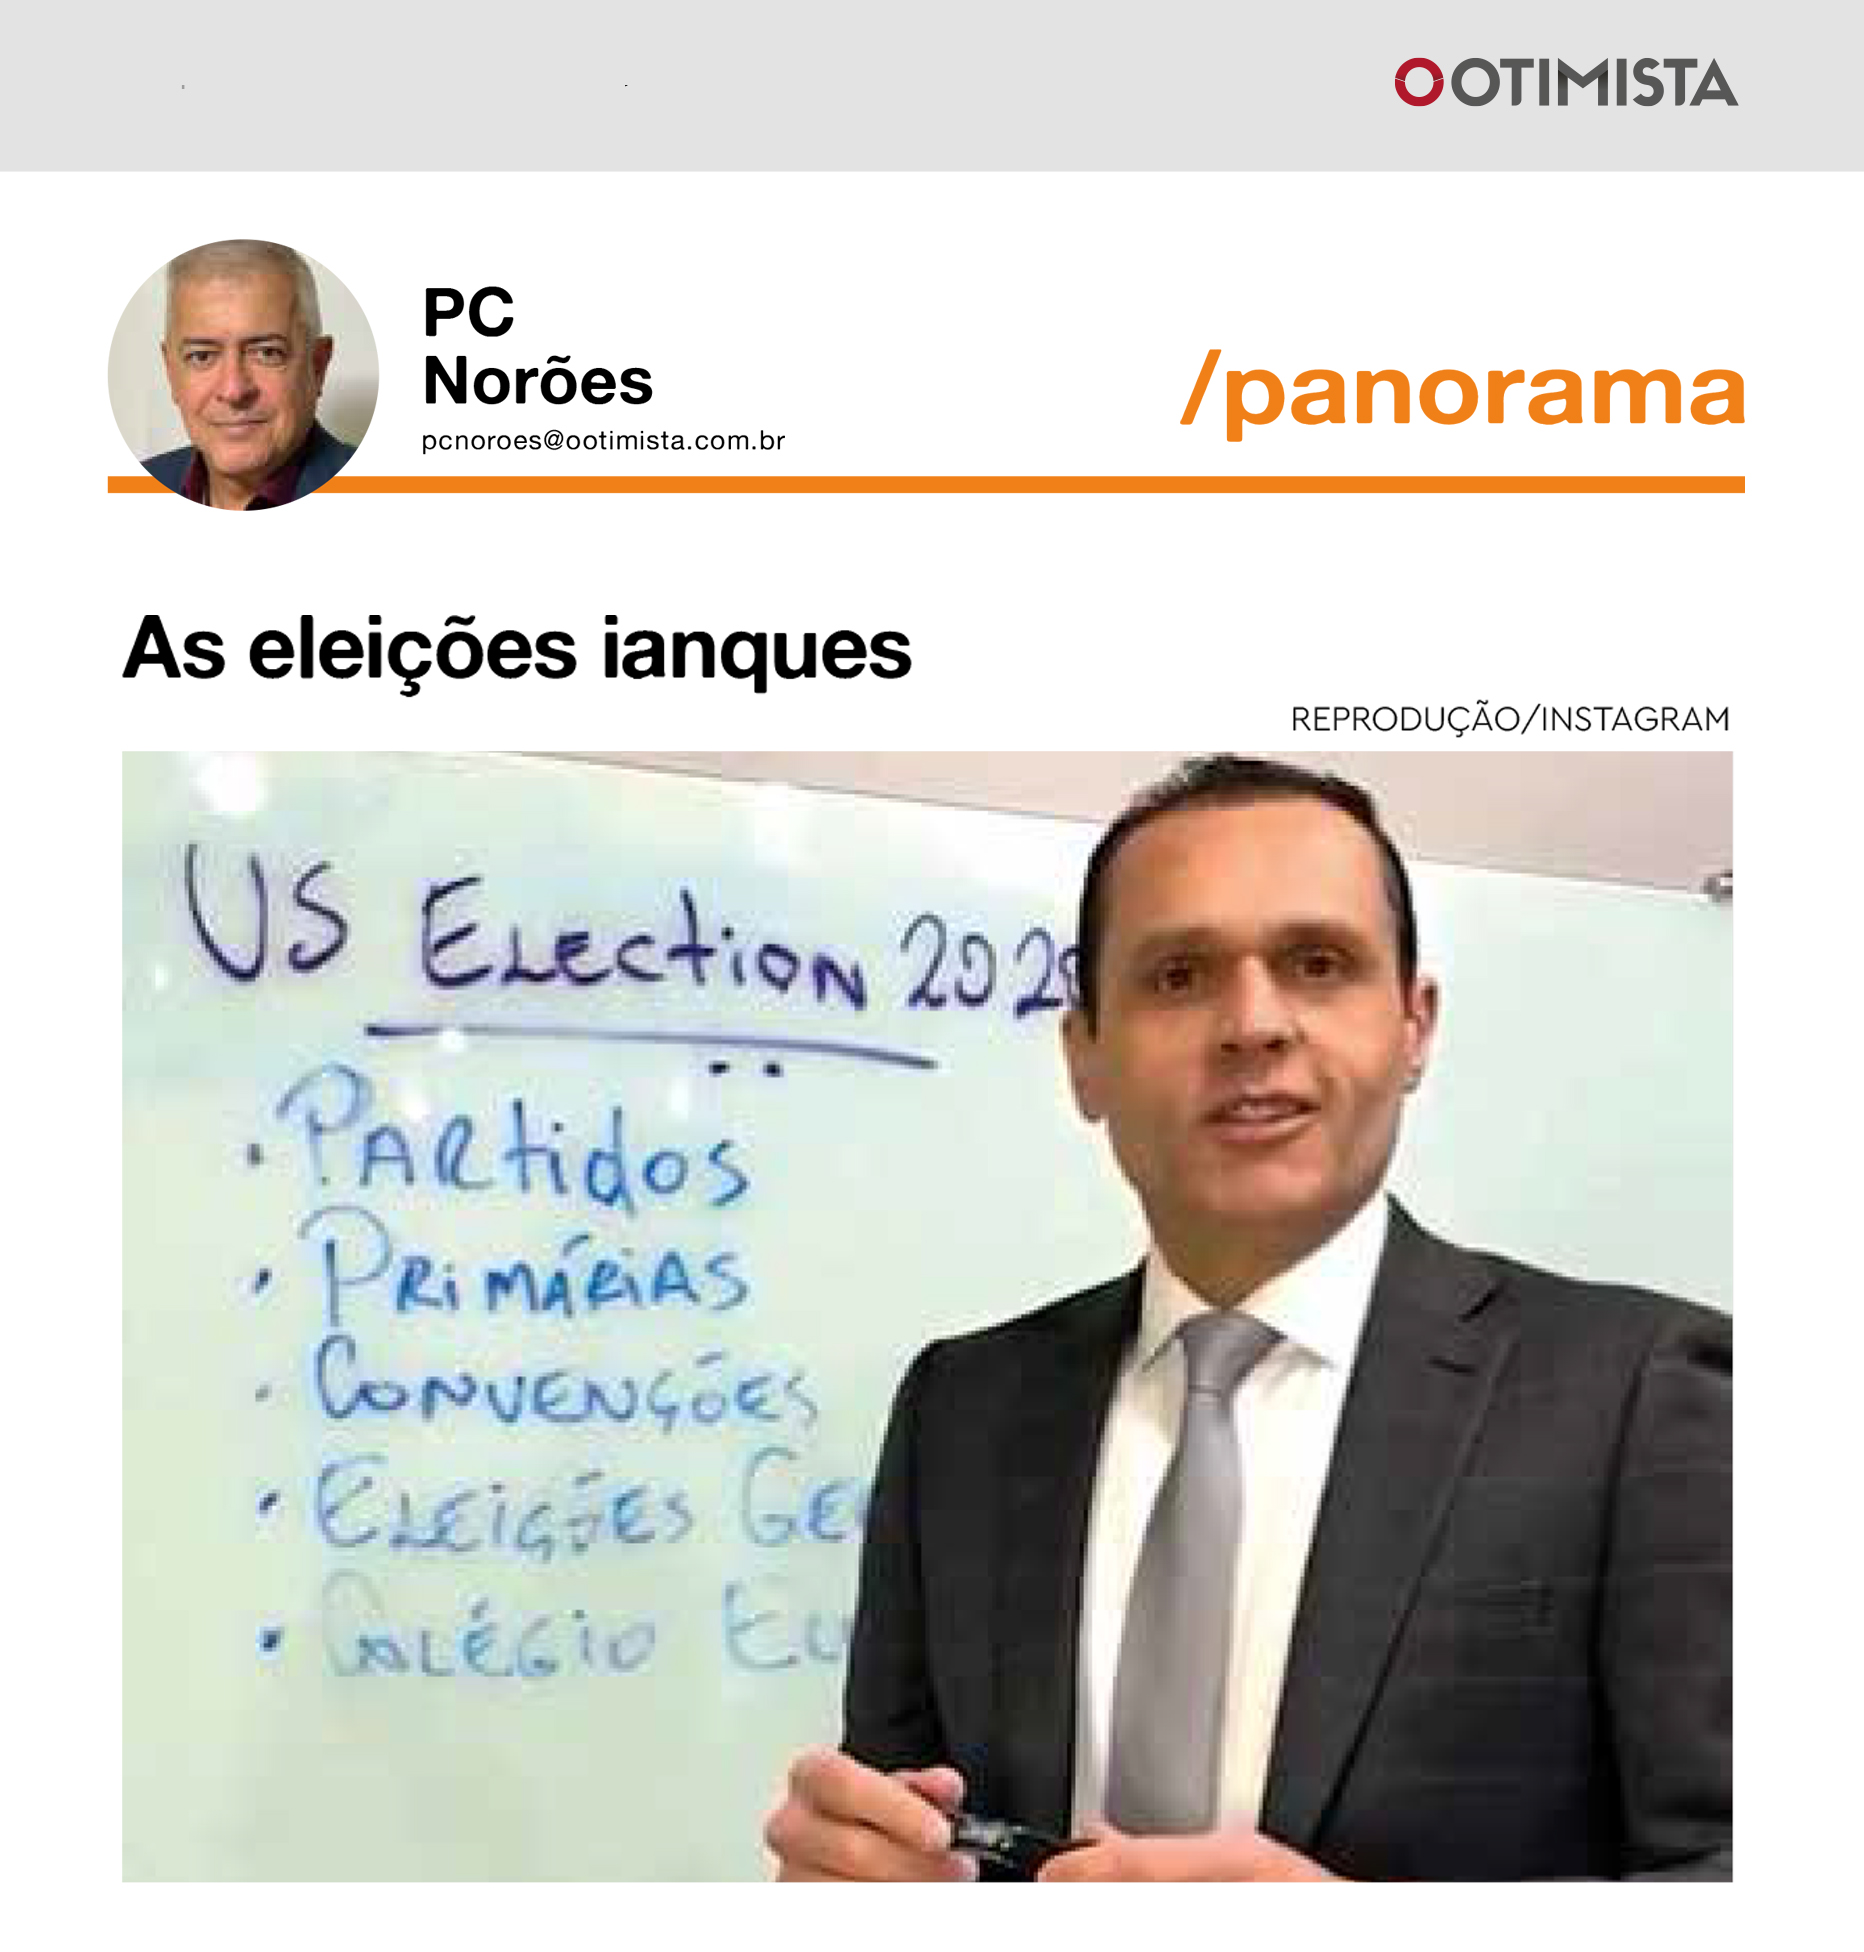 Reportagem no Jornal O Otimista